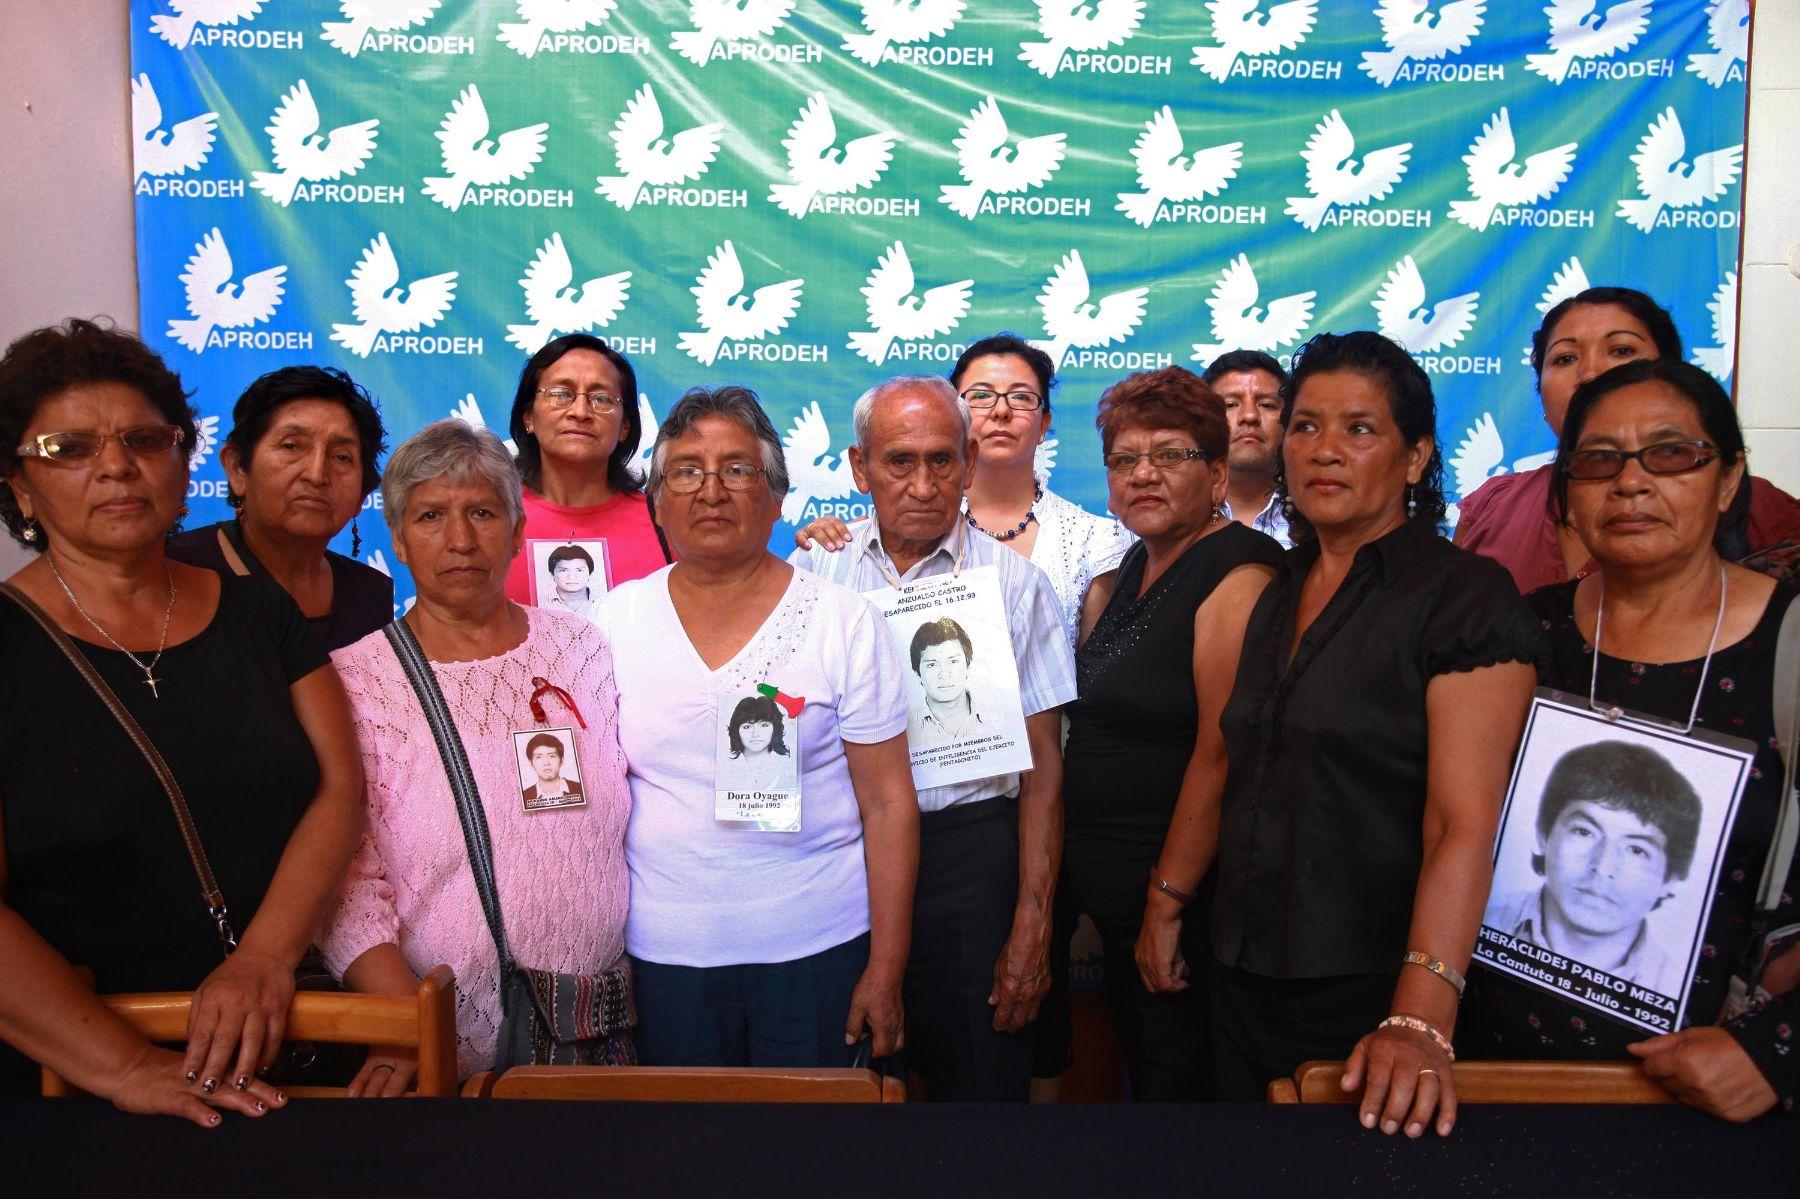 Abogado de Barrios Altos enviará más información sobre el indulto — Corte IDH